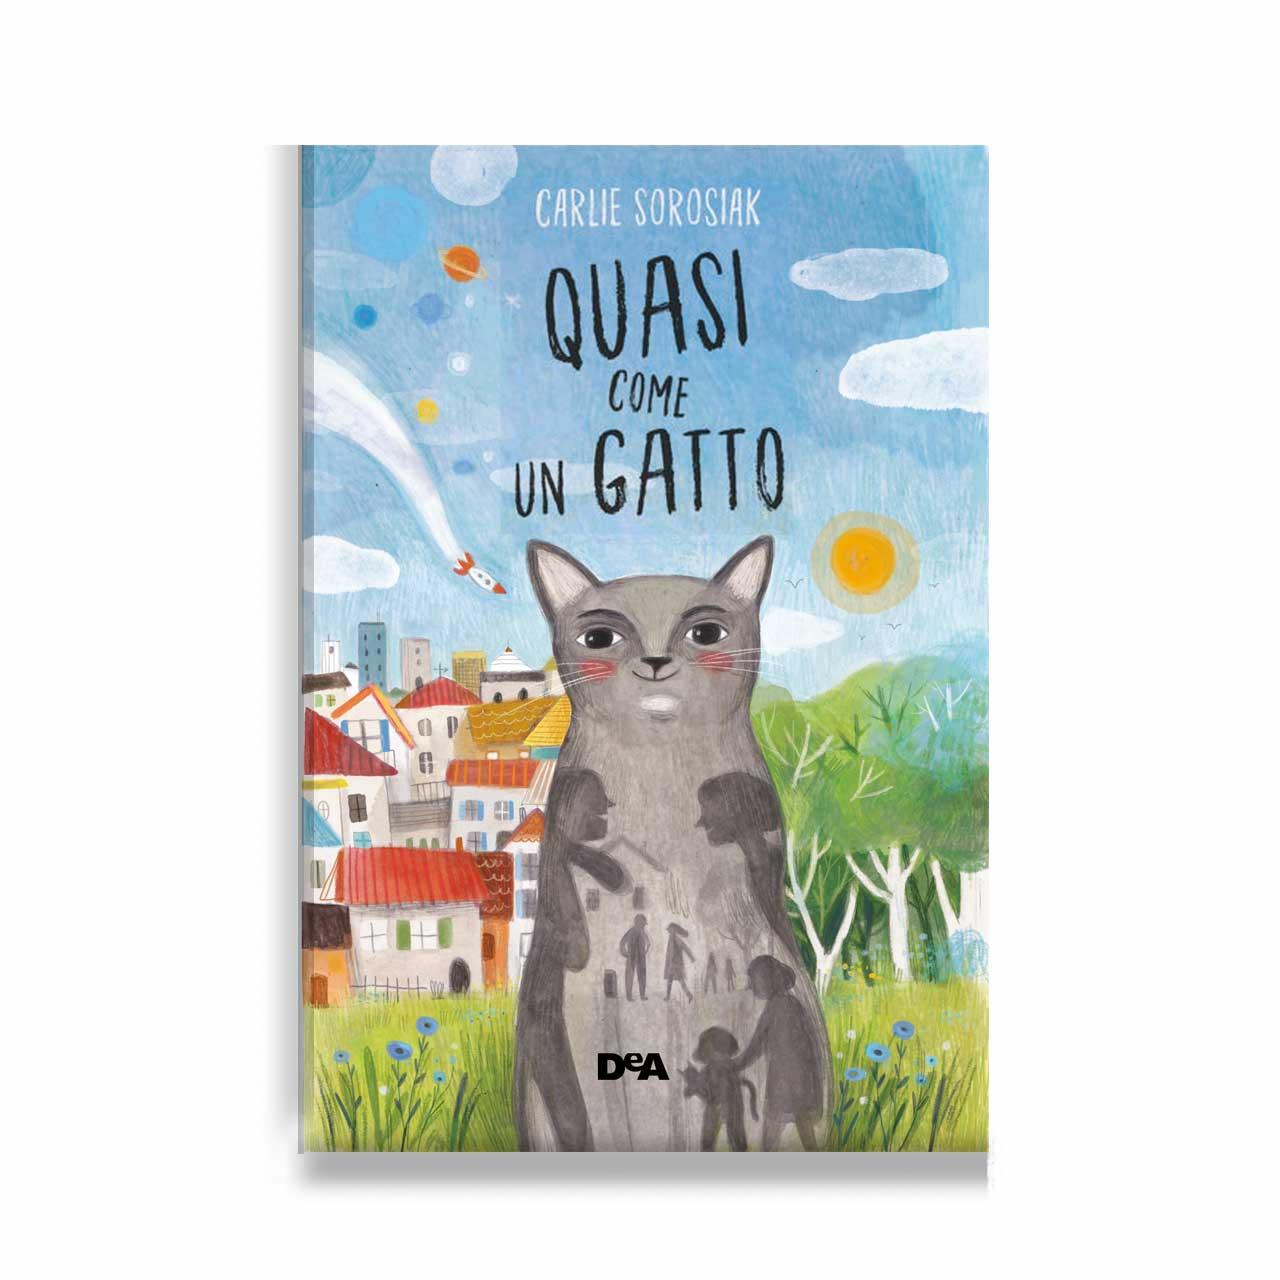 Illustrazione realizzata per la cover del libro Quasi come un gatto, Carlie Sorosiak, DeAplaneta